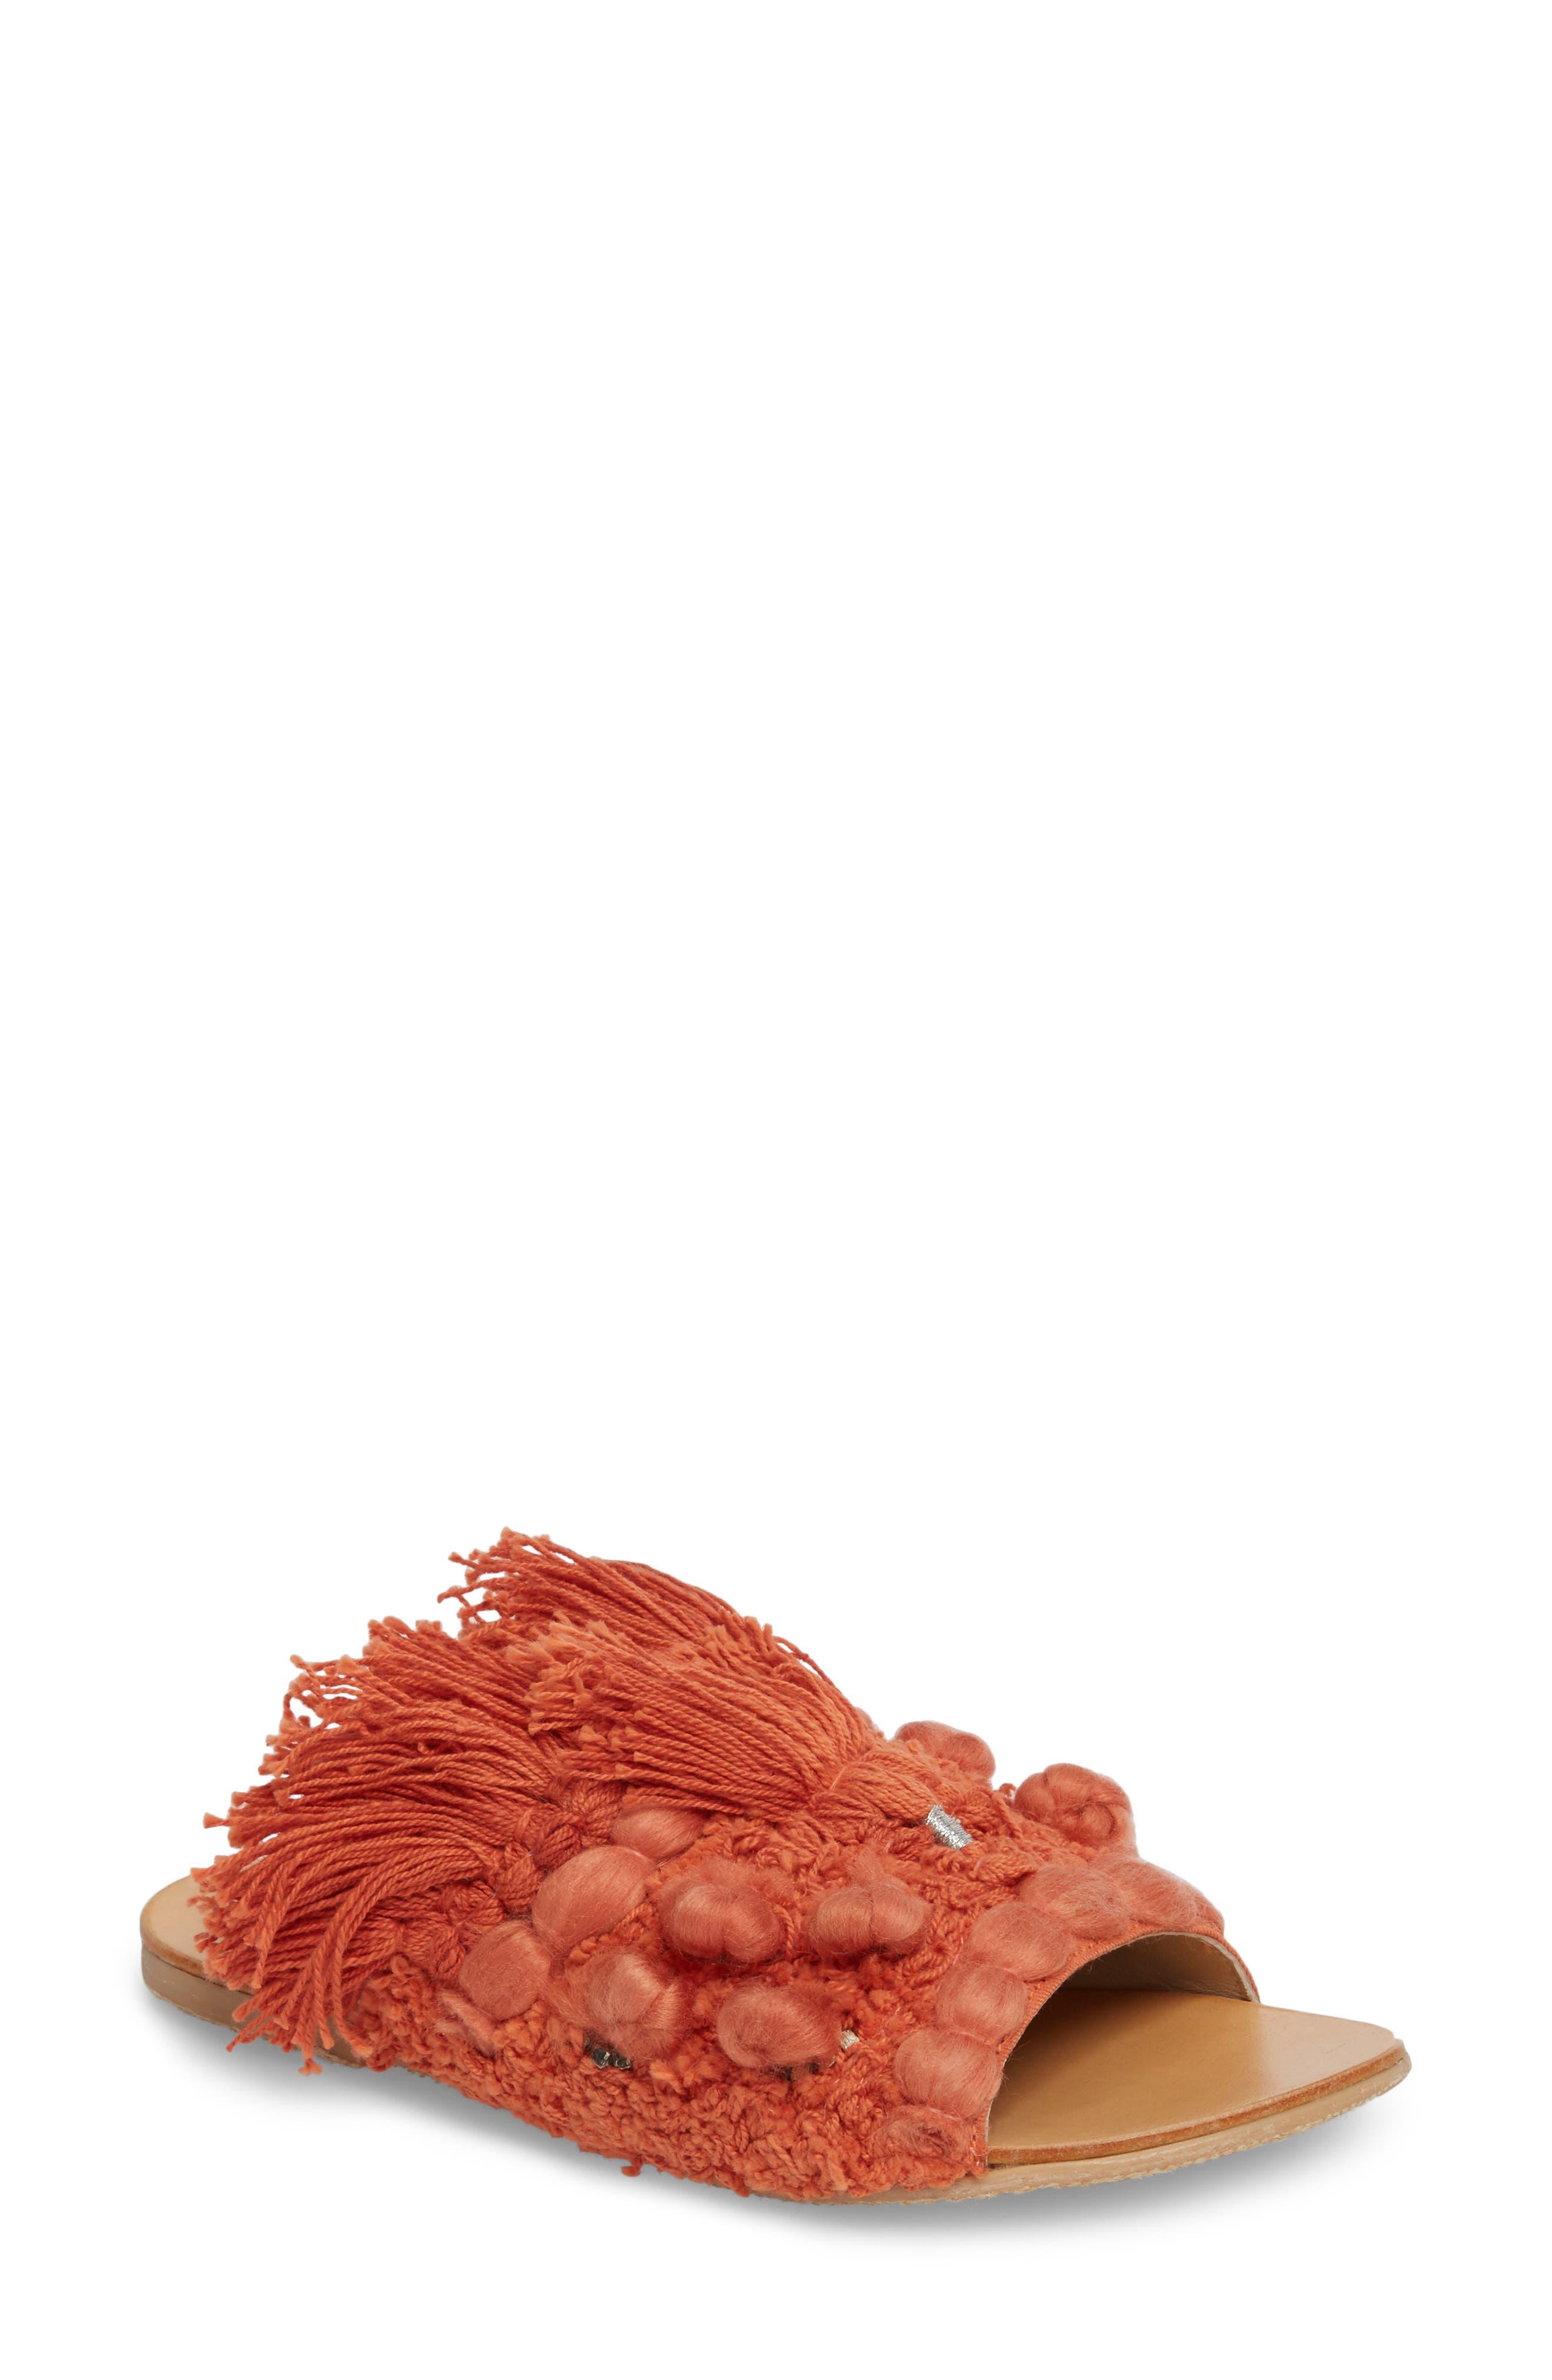 Mars at Night Tasseled Slide Sandal,                             Main thumbnail 1, color,                             Coral